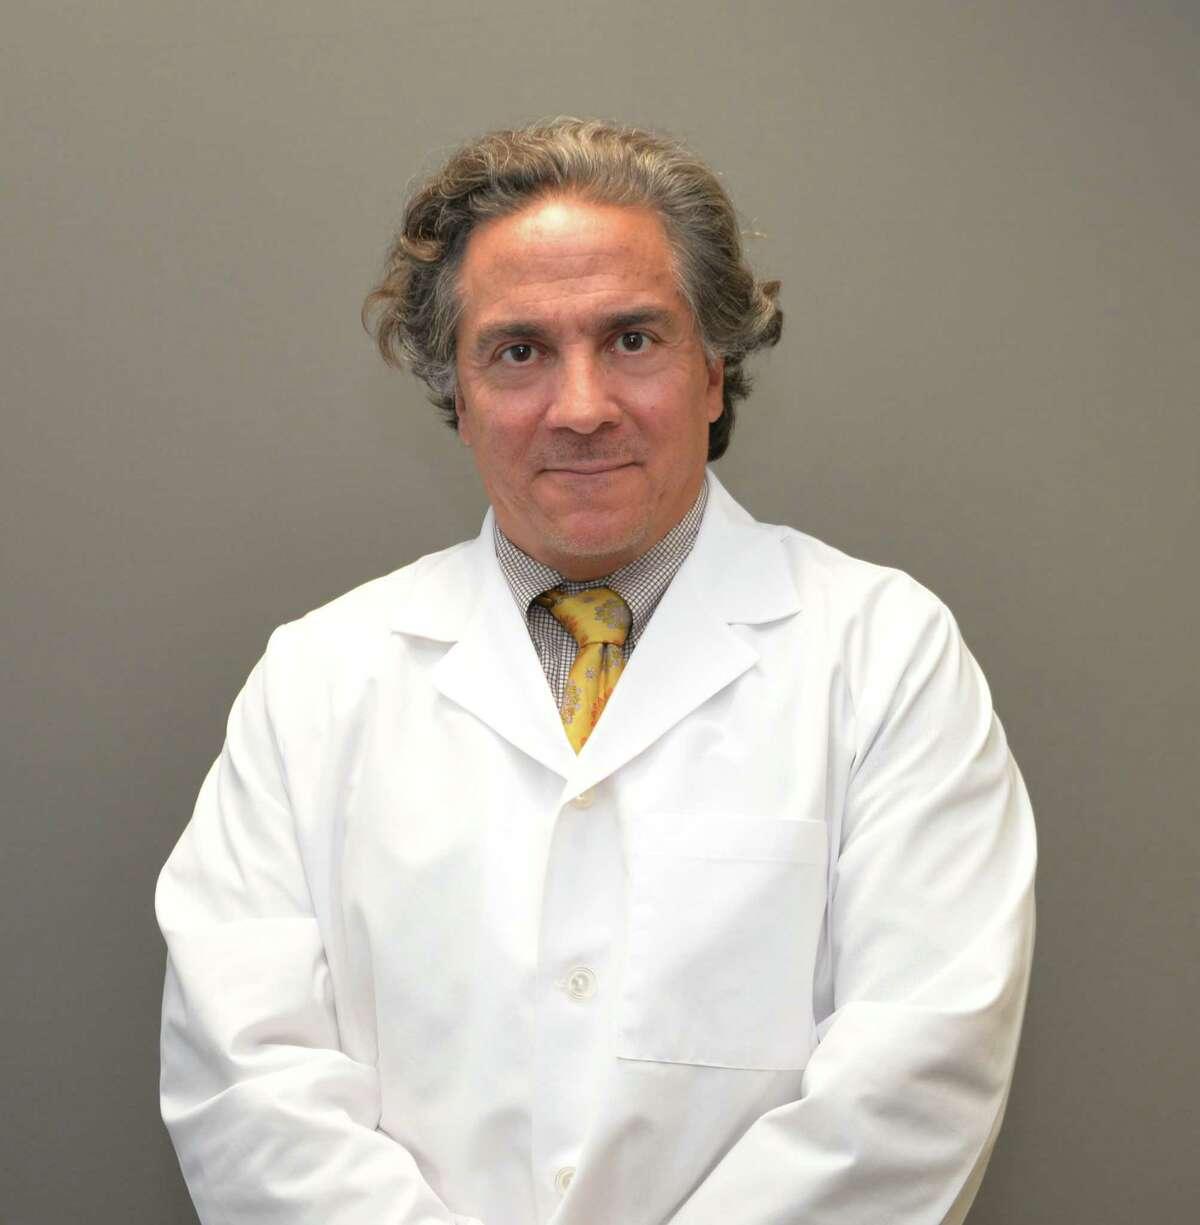 Dr. Jorge Ortiz